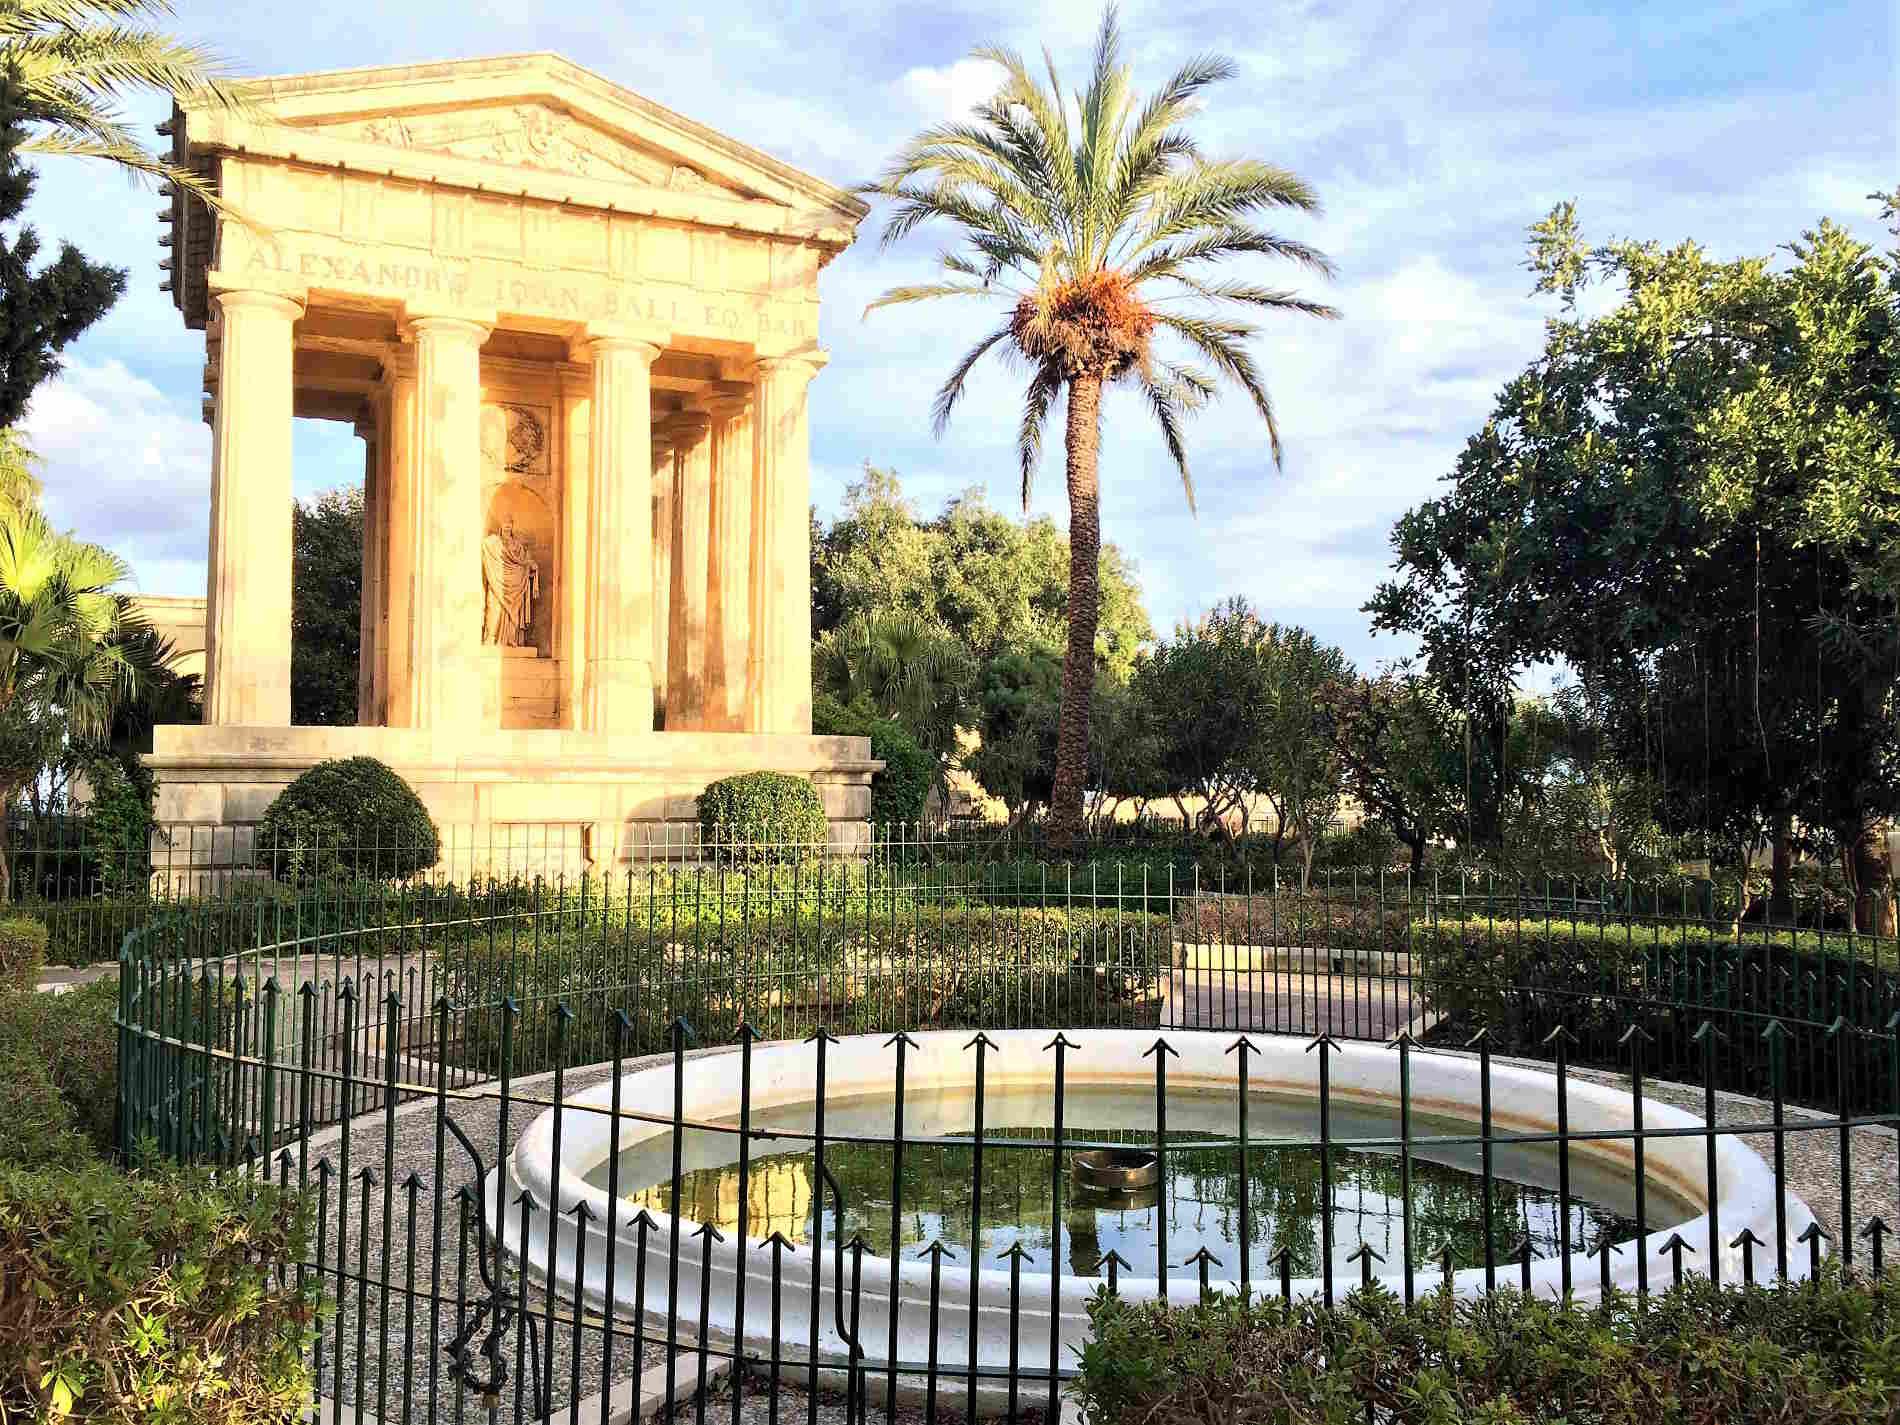 Centro storico del La Valletta capitale di Malta